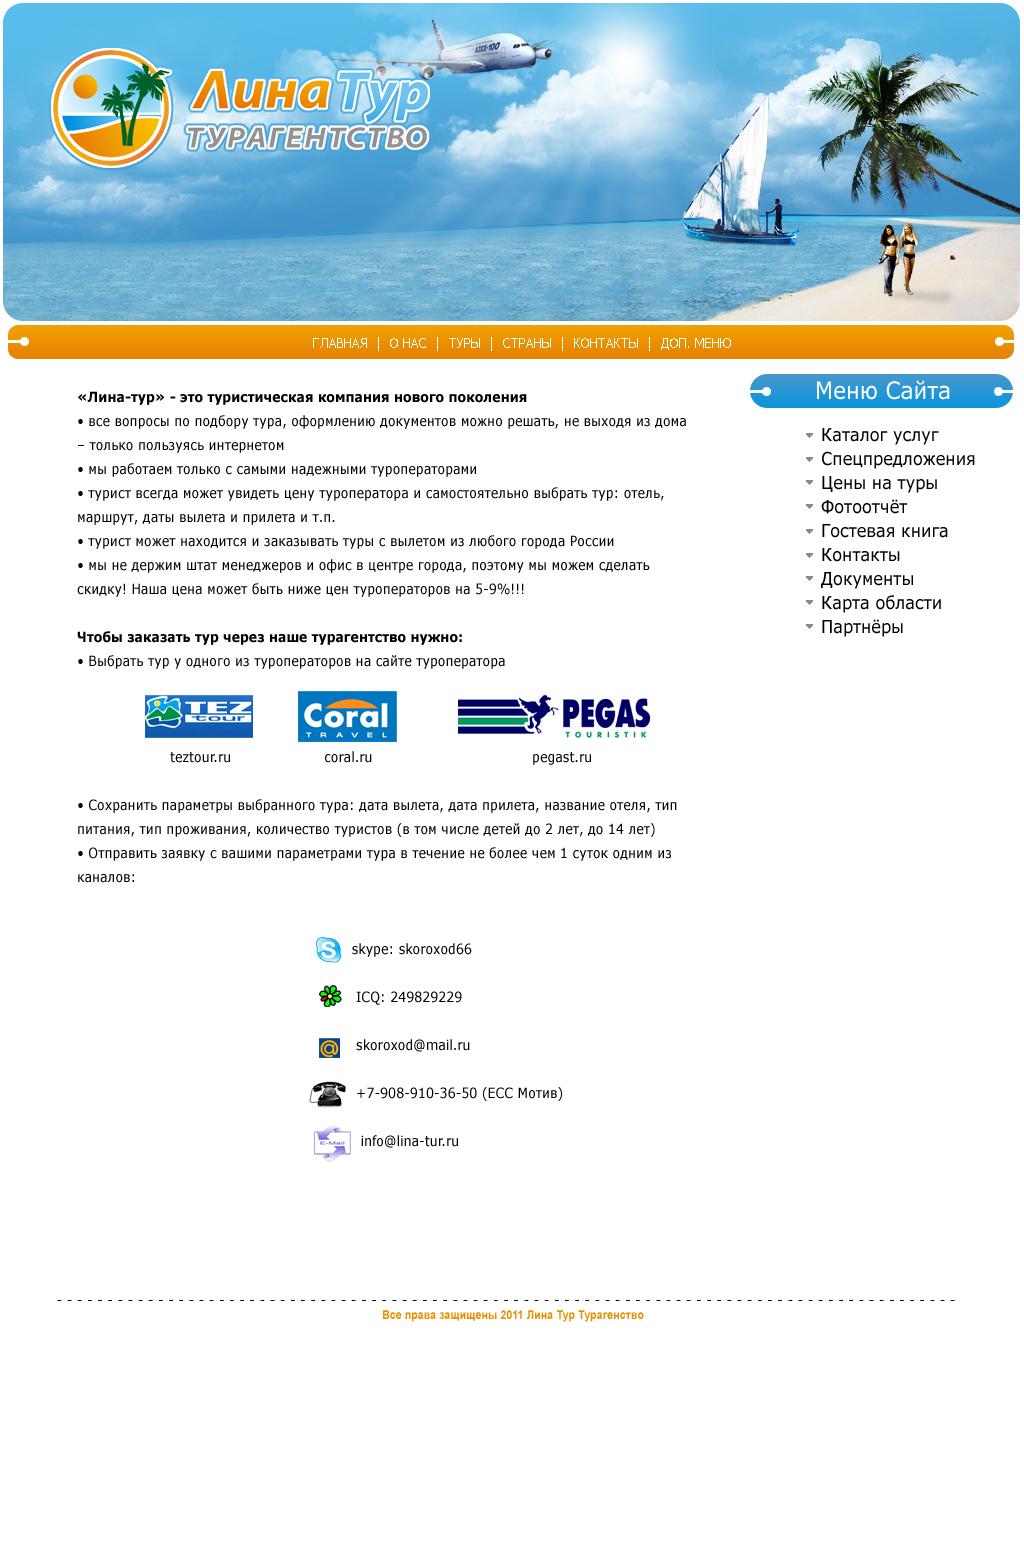 Дизайн сайта туристической компании